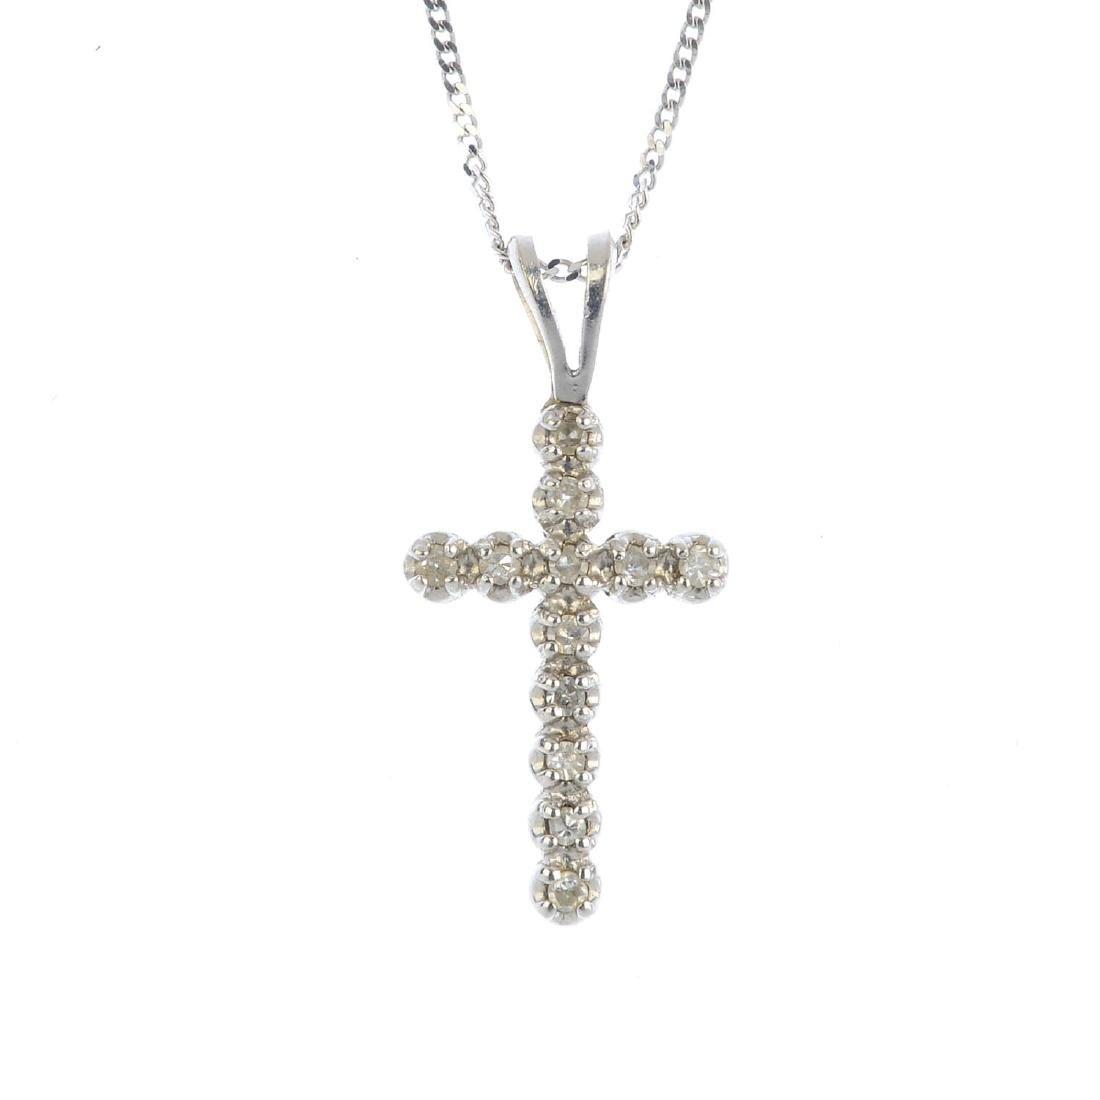 A diamond cross pendant. The single-cut diamond